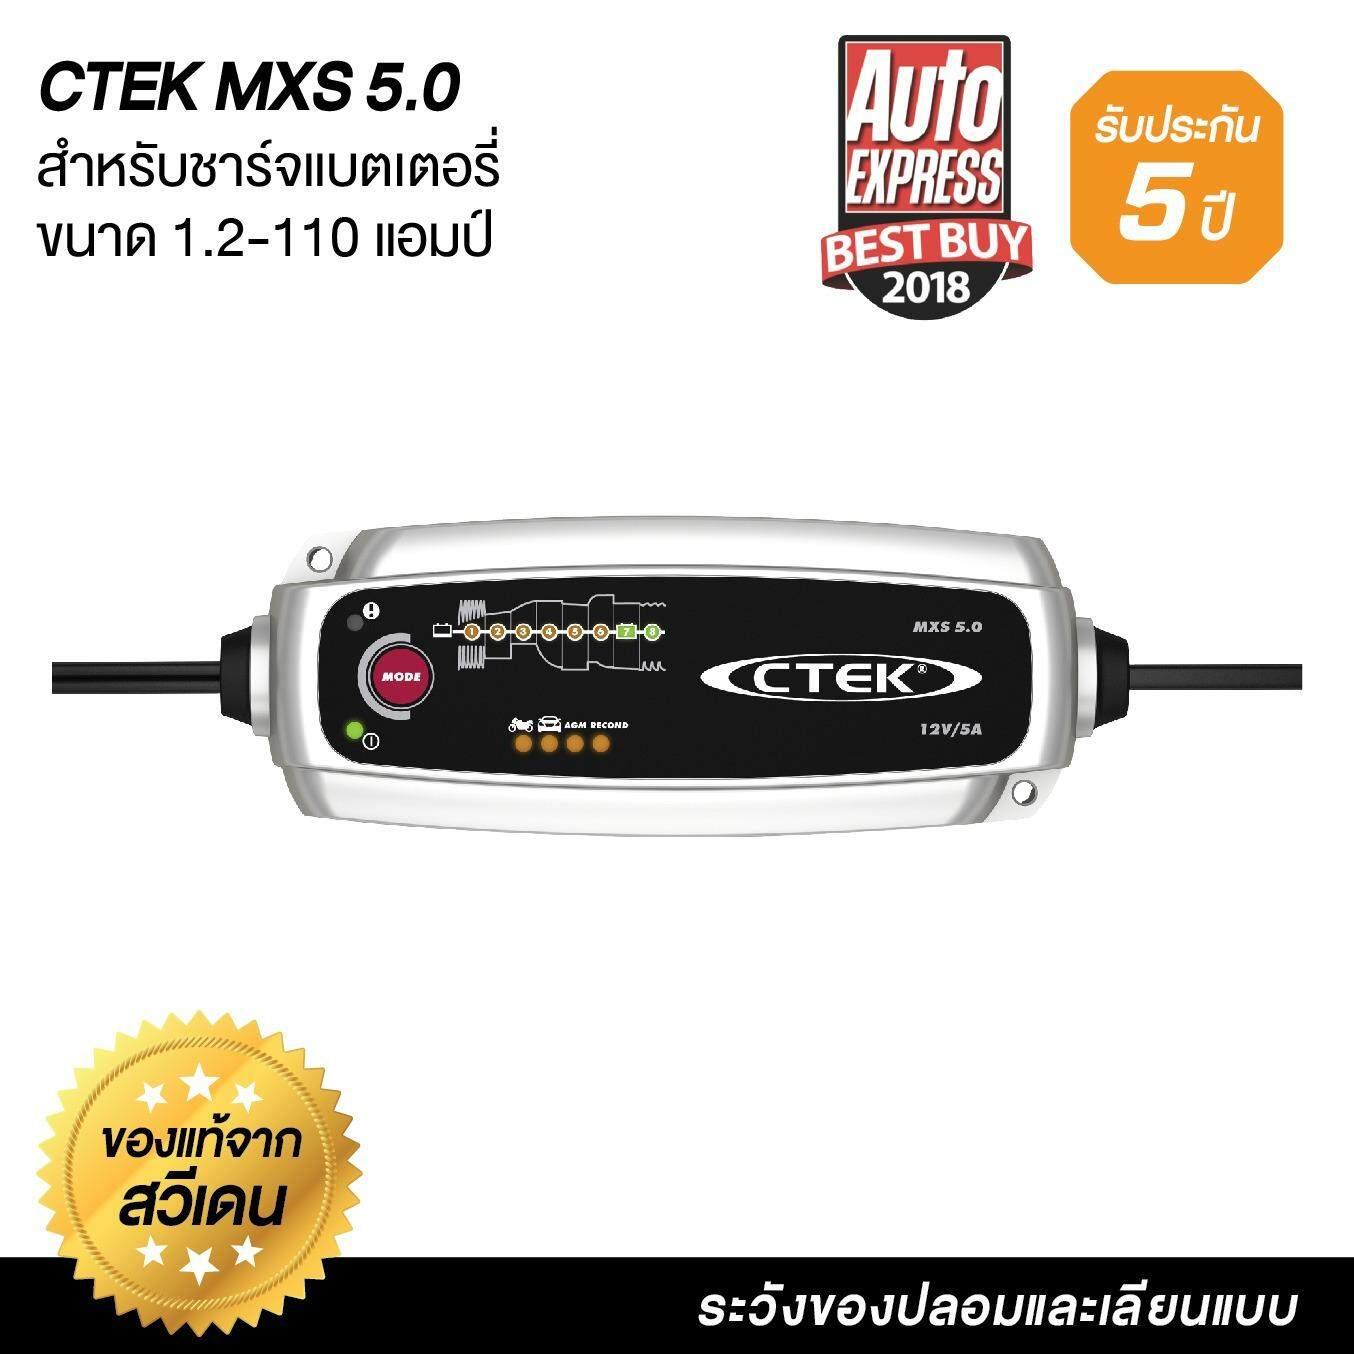 ขาย Ctek เครื่องชาร์จแบตเตอรี่อัจฉริยะ รุ่น Mxs 5 สามารถชาร์จได้ทั้งรถยนต์และมอเตอร์ไซค์ Ctek ออนไลน์